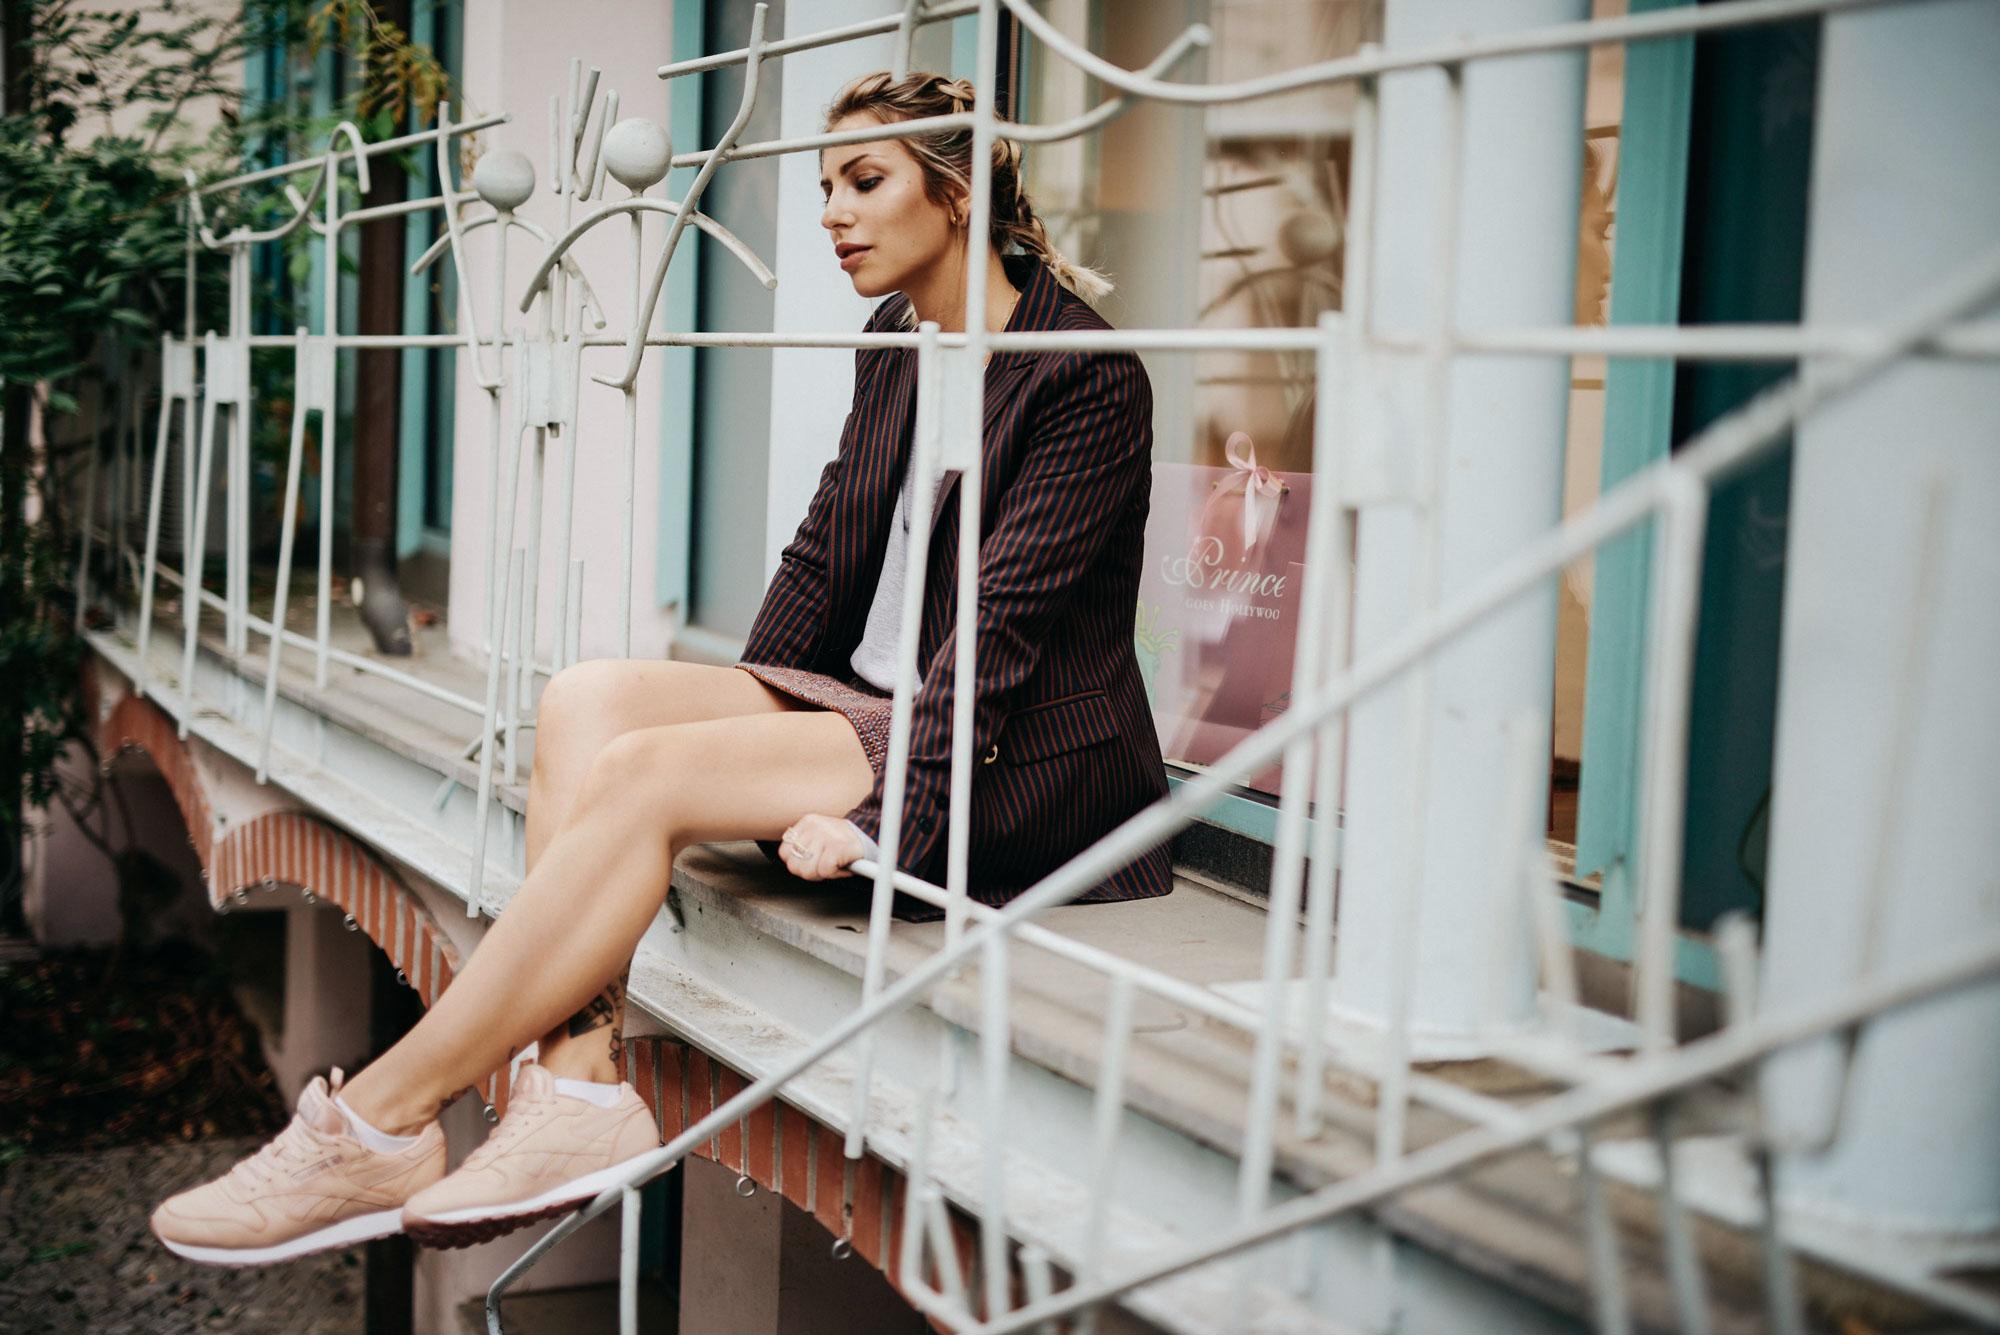 Tweed / Sneakers |pink Reebok sneakers combined with a Tweed skirt |shooting location: Berlin, Rosenhöfe